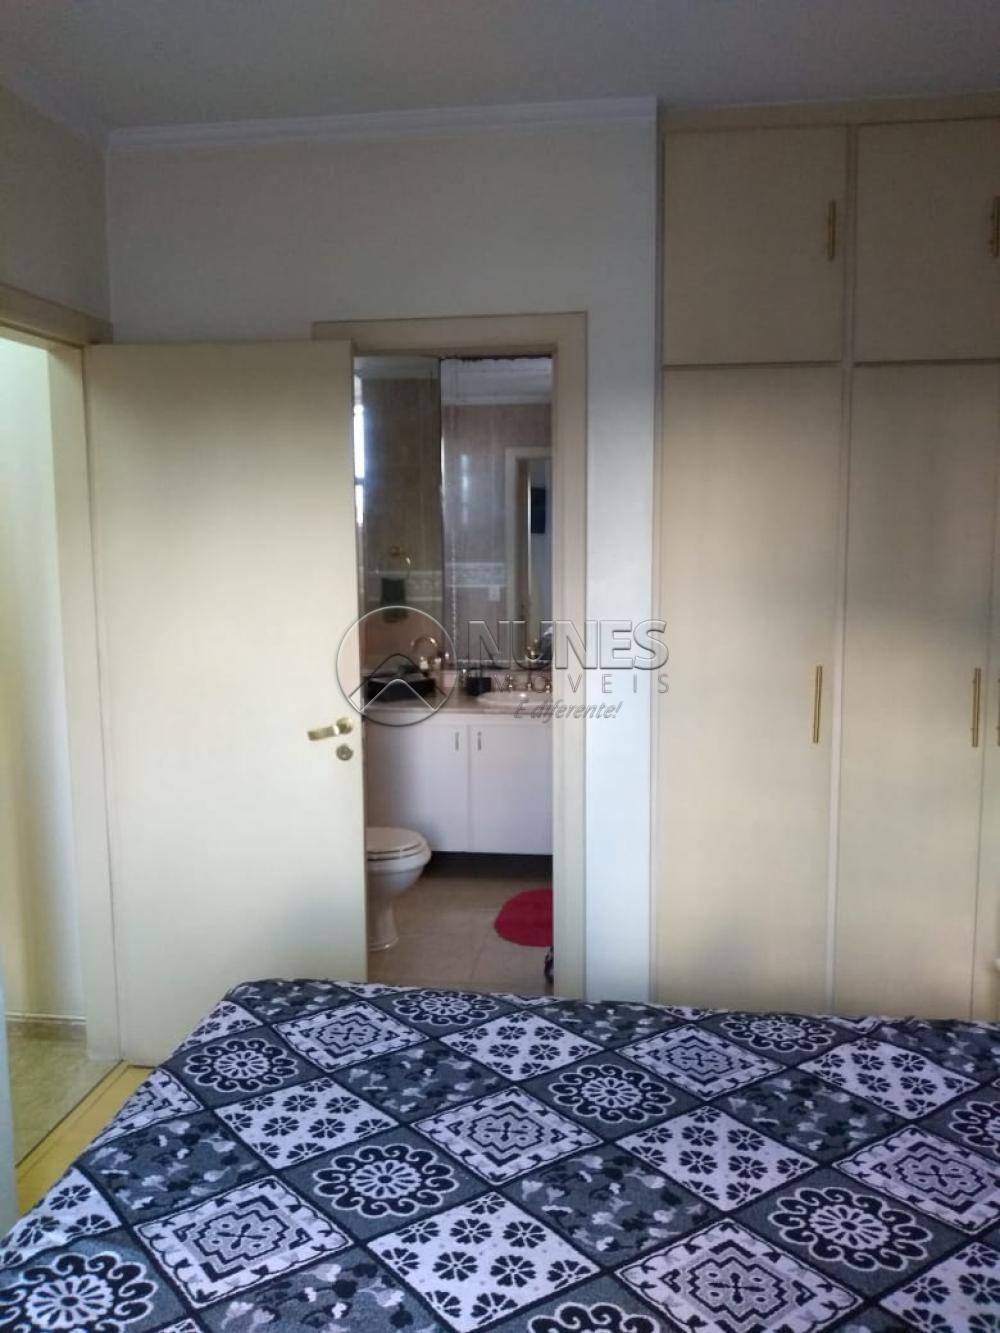 Comprar Apartamento / Padrão em Osasco apenas R$ 500.000,00 - Foto 11